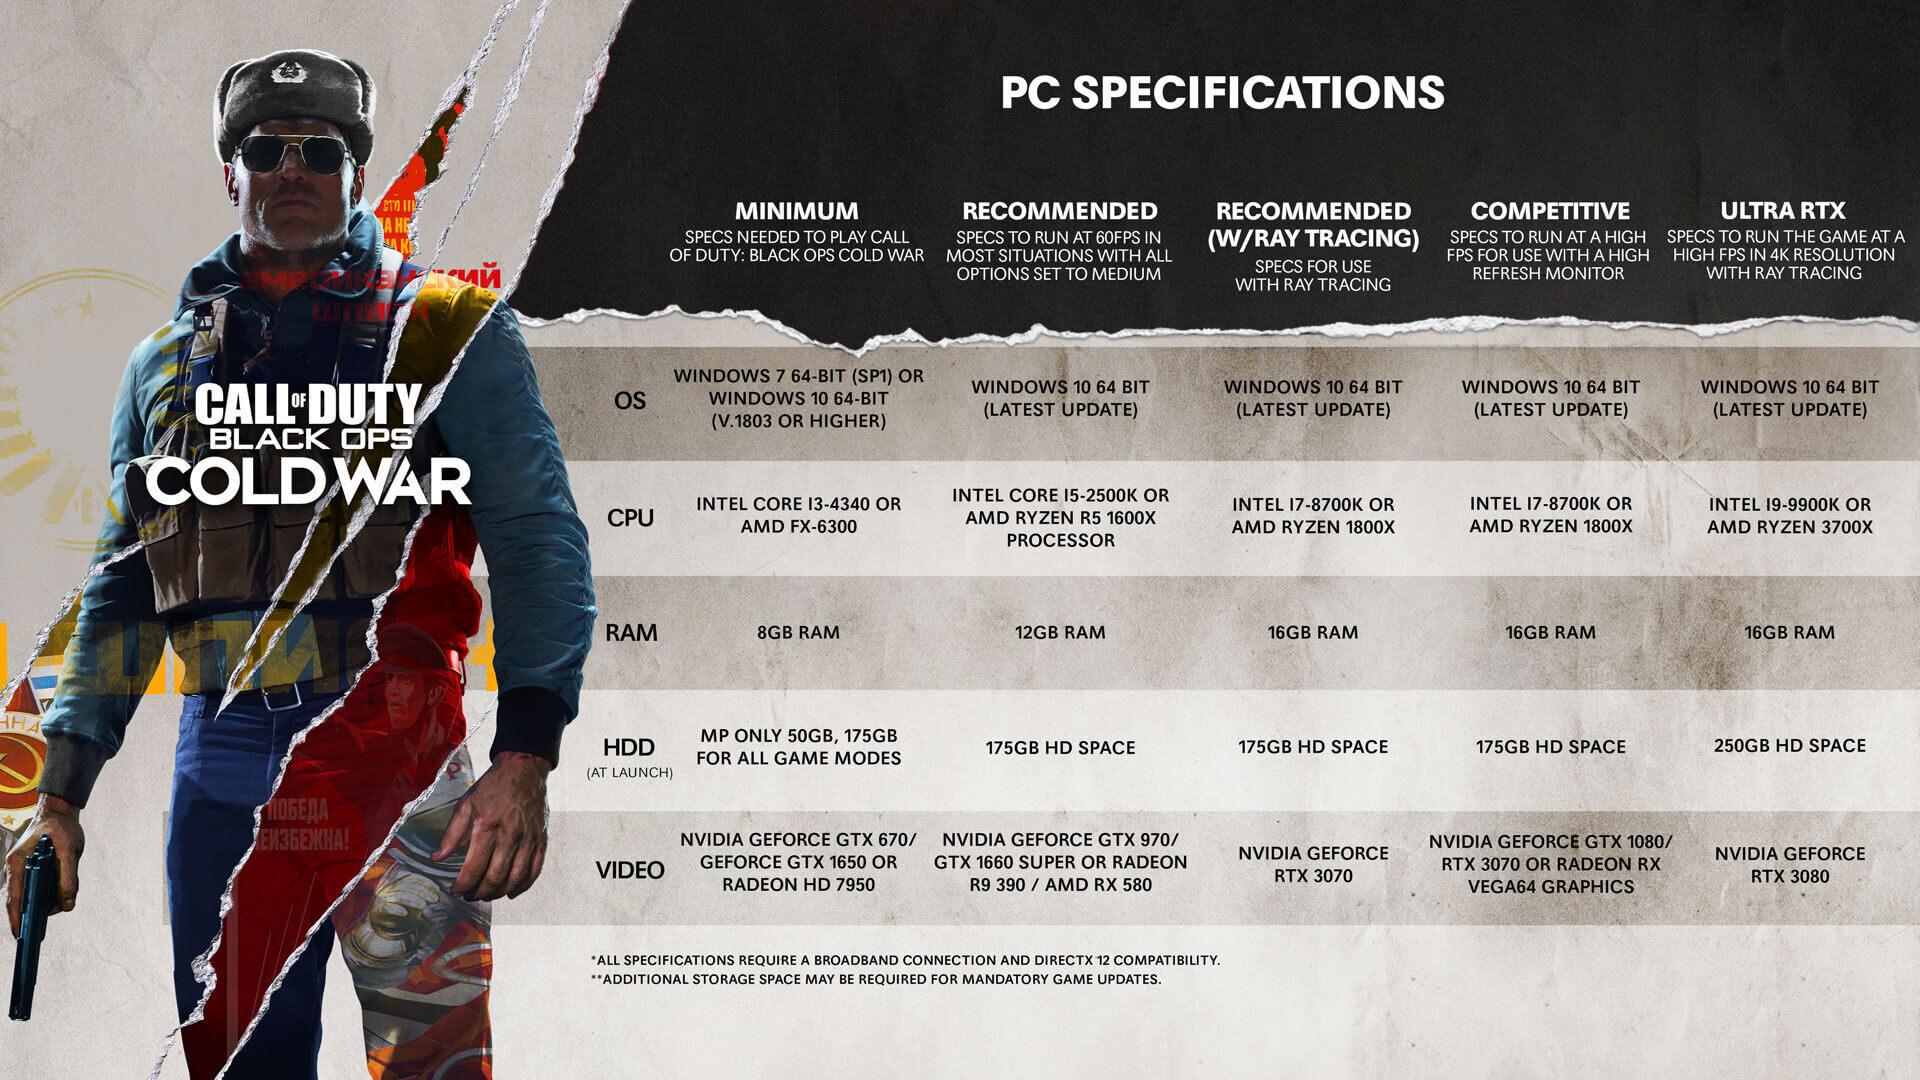 Bild in Originalgröße - 2020/10/Call-of-Duty-Black-Ops-Cold-War-RTX-systemvoraussetzungen-pcgh.jpg